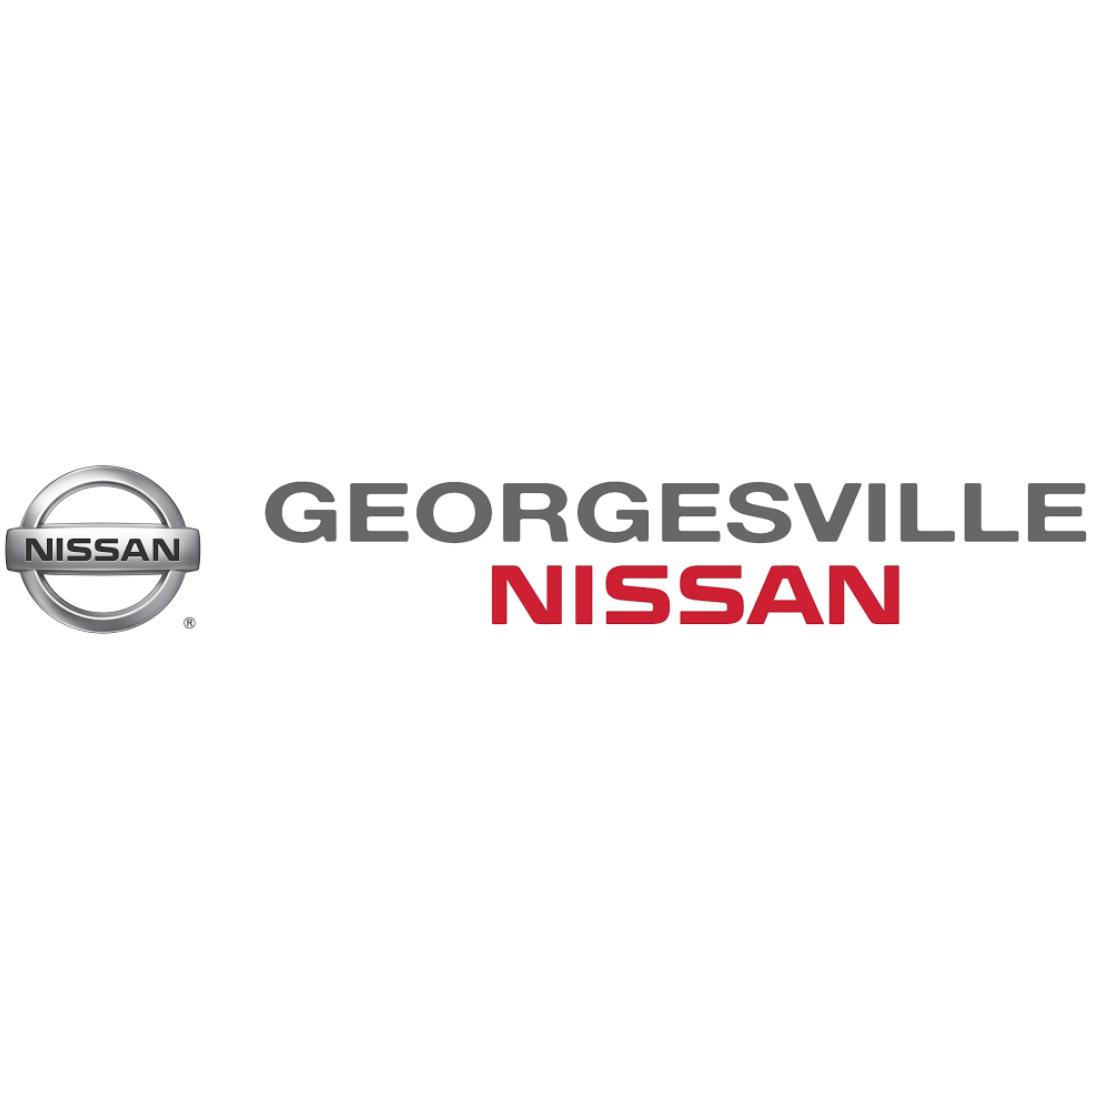 Georgesville Nissan